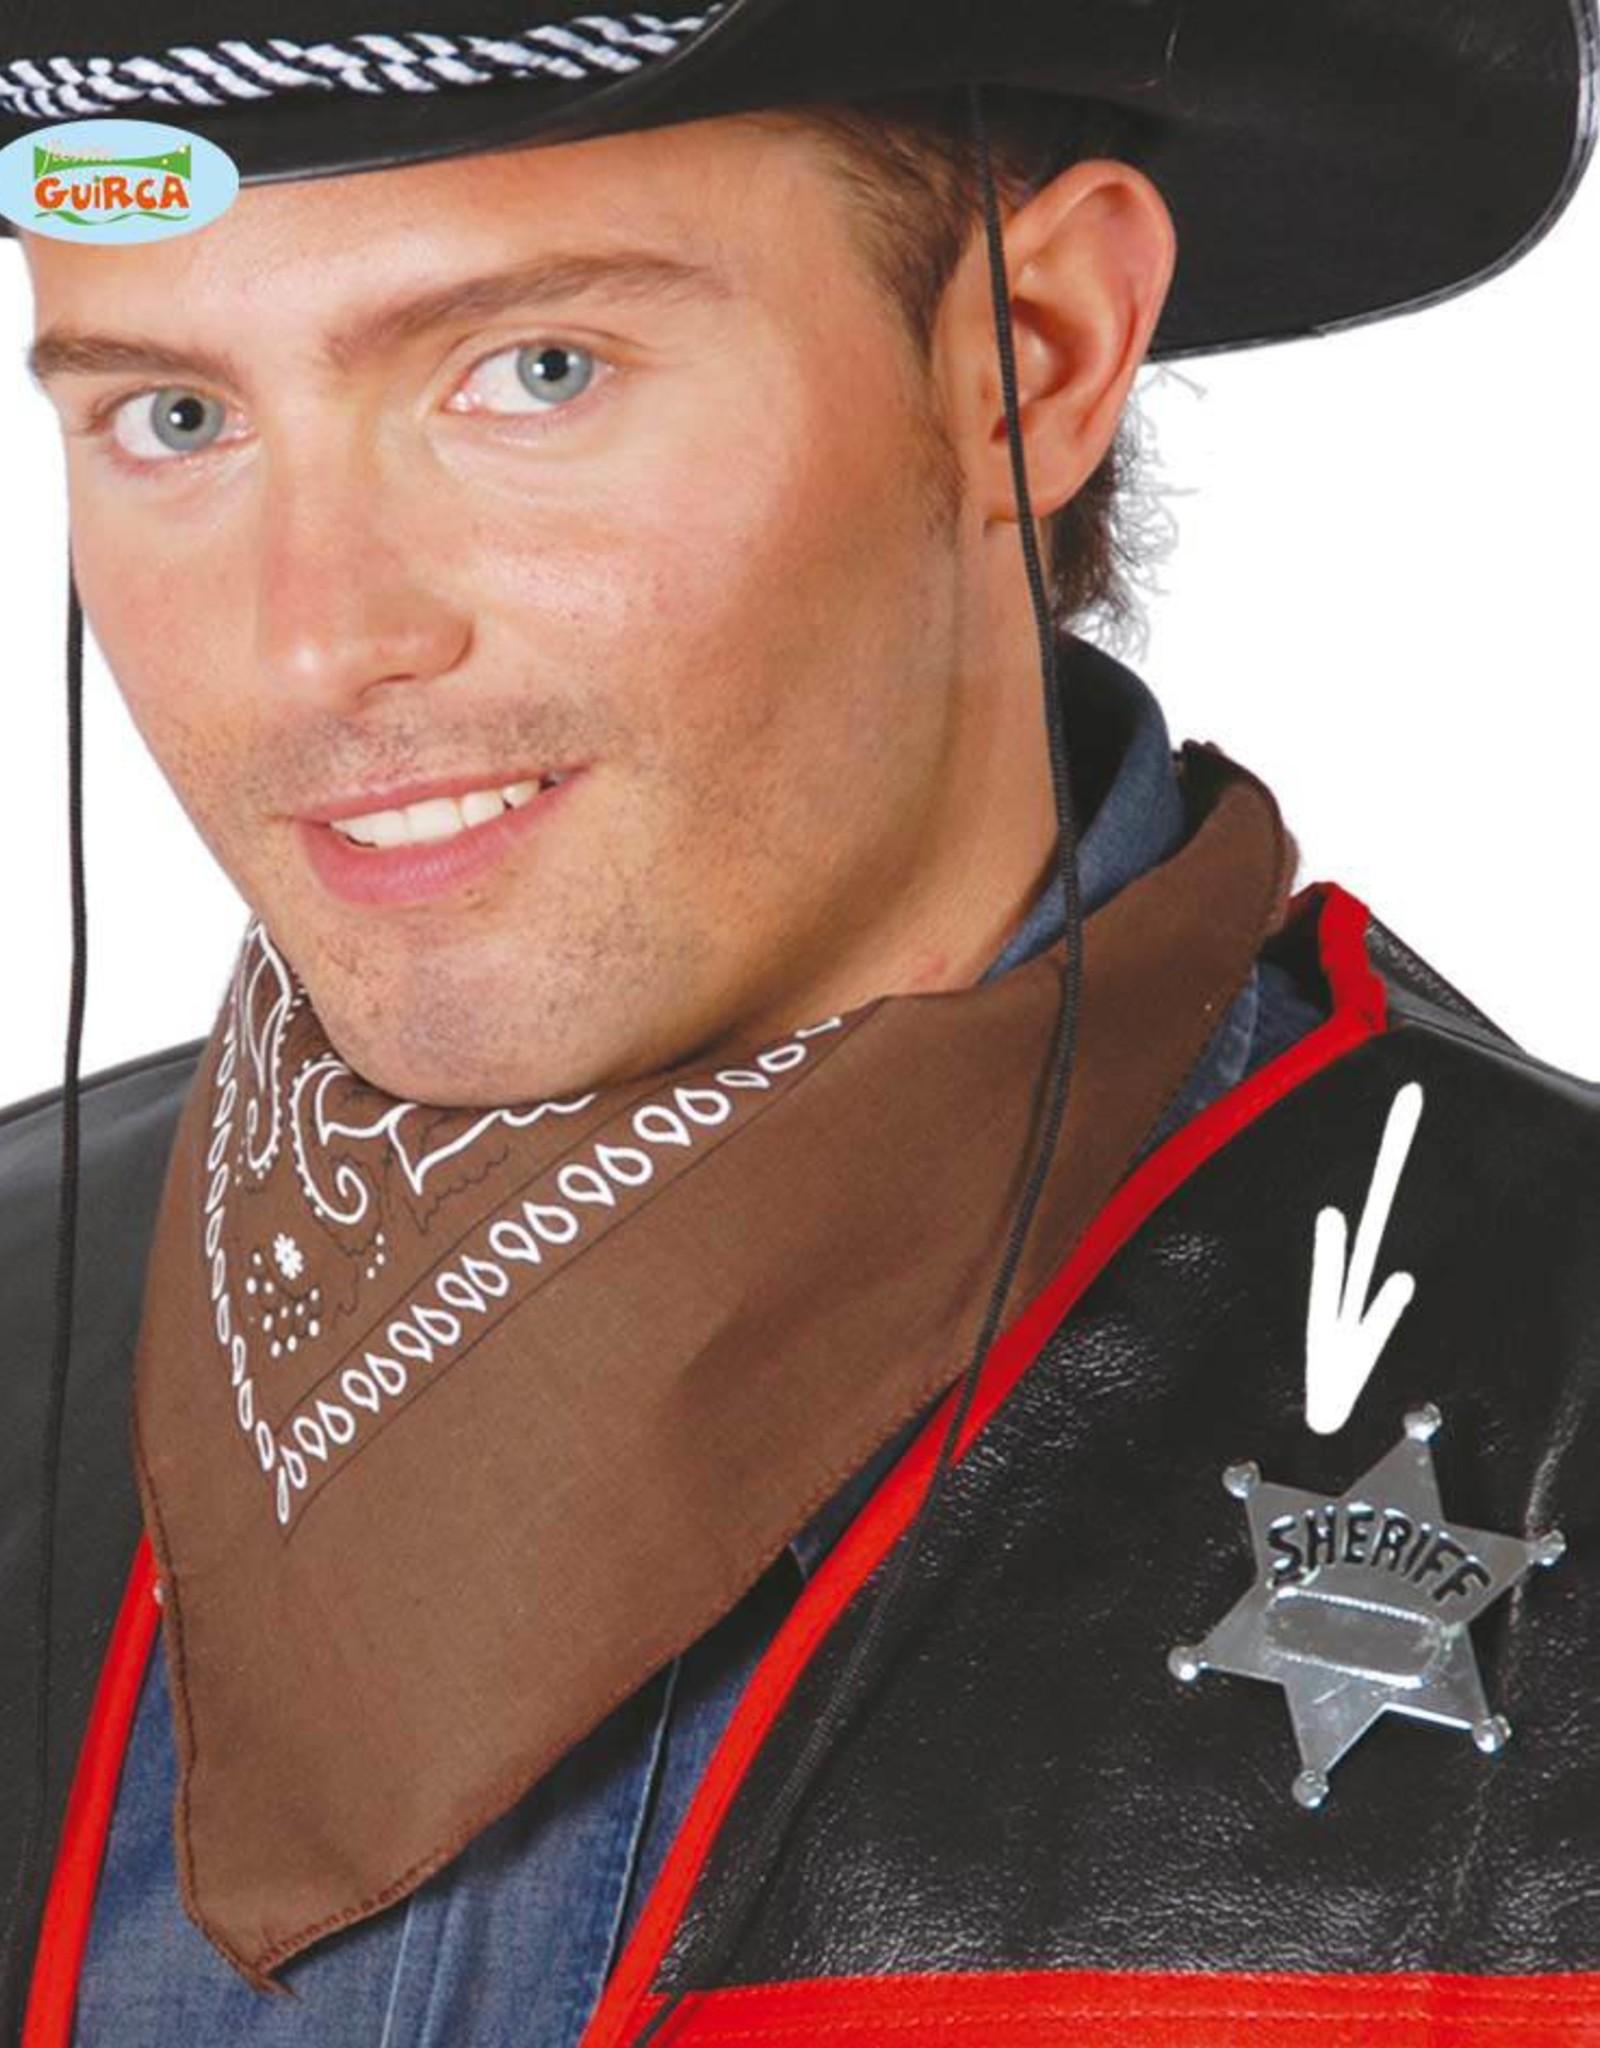 FIESTAS GUIRCA metalen sheriff ster